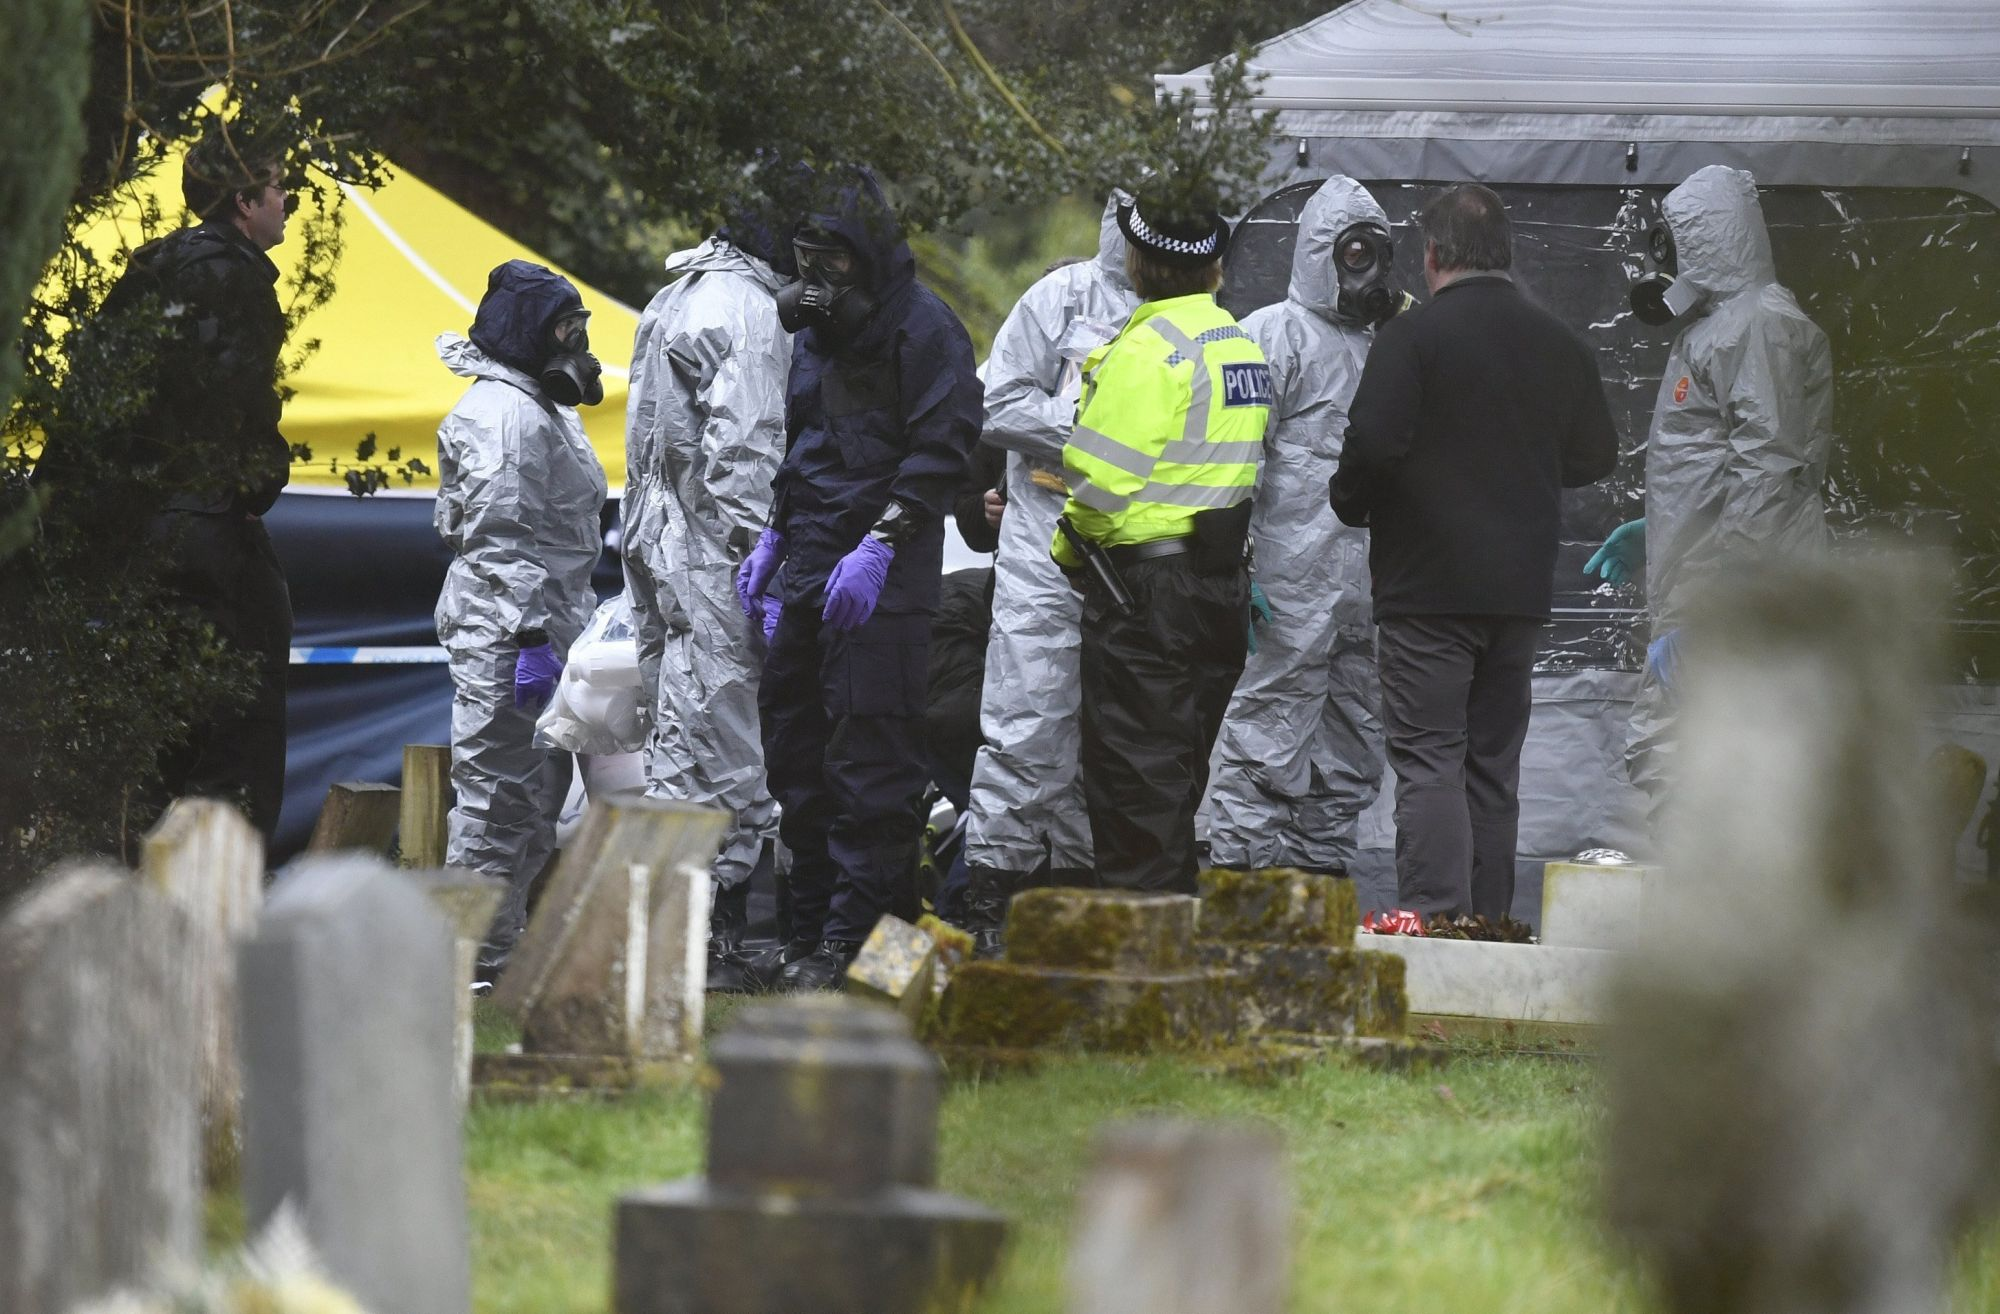 Bűnügyi szakértők vizsgálódnak Szergej Szkripal korábbi orosz kettős ügynök mérgezése ügyében a dél-angliai Salisbury temetőjében 2018. március 10-én, hat nappal az után, hogy eszméletlen állapotban találtak rá a brit külső hírszerzés, az MI6 66 éves volt ügynökére és 33 éves lányára, Julijára a városban. (MTI/EPA/Neil Hall)